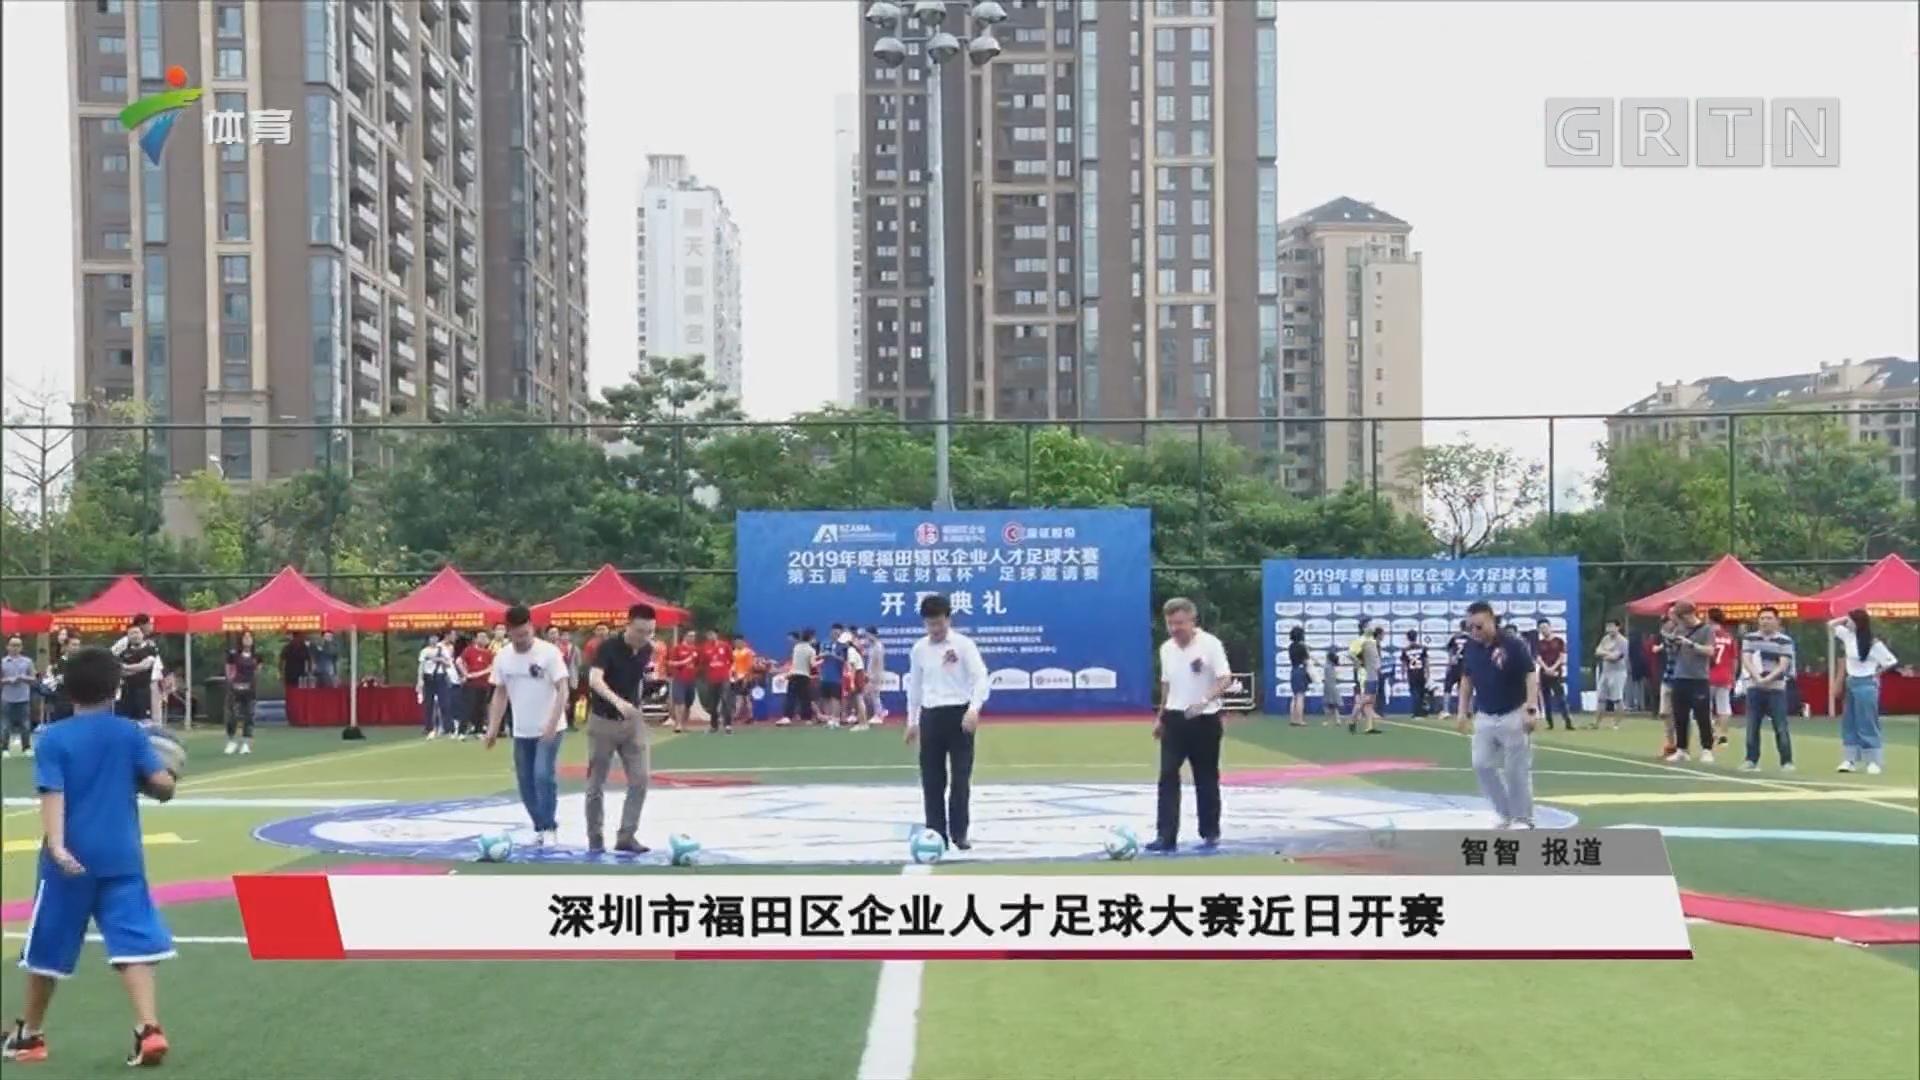 深圳市福田区企业人才足球大赛近日开赛